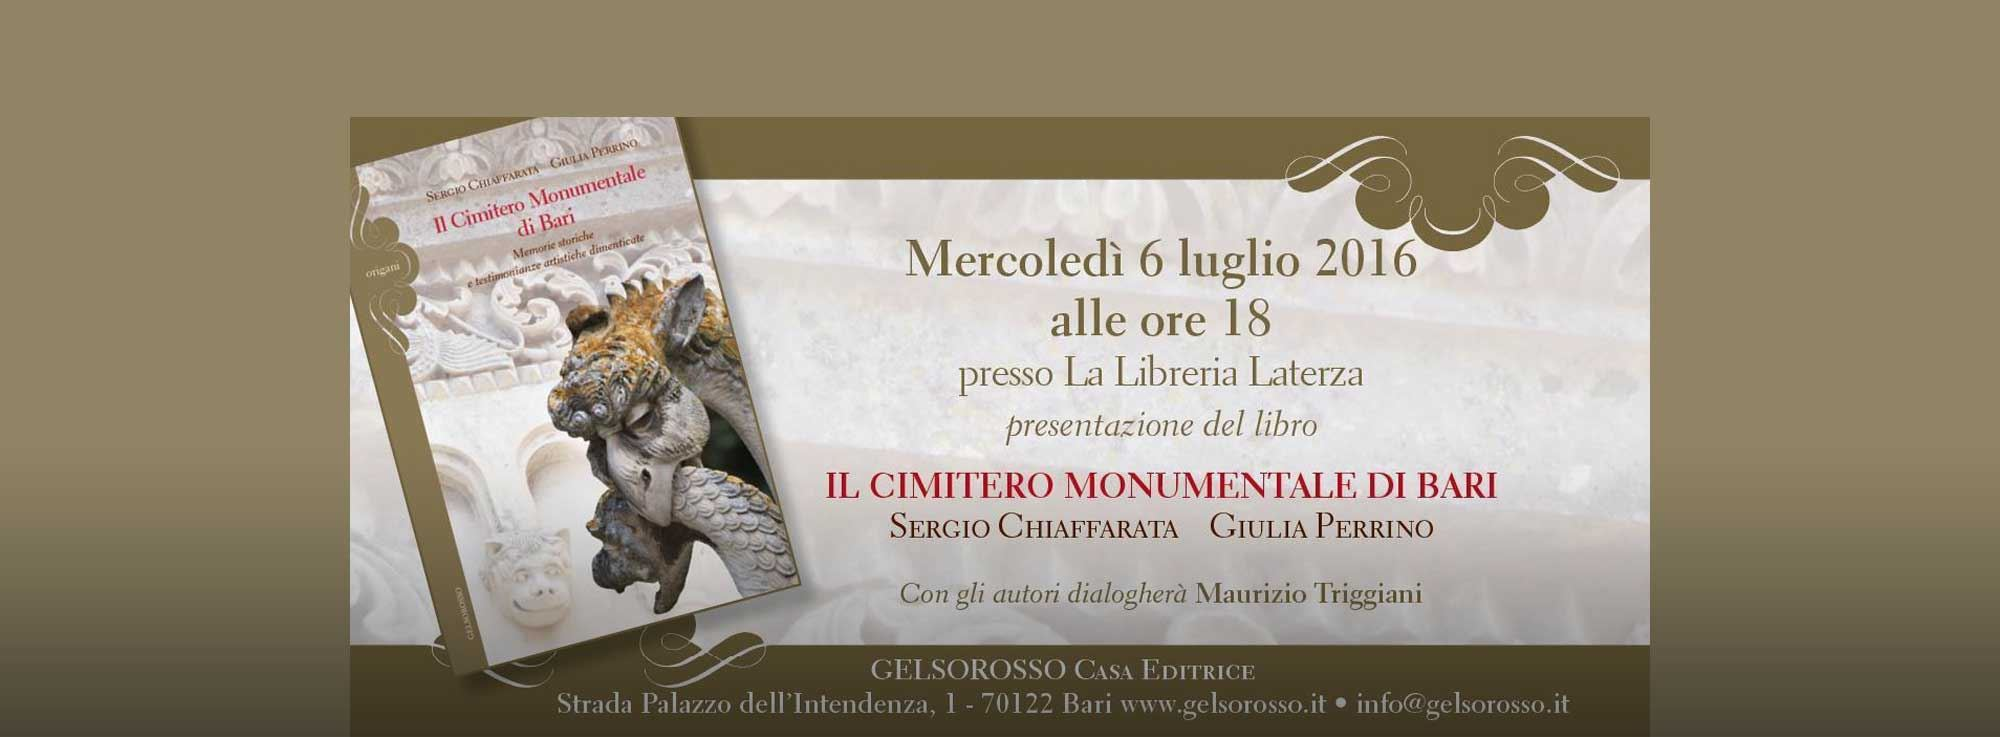 Bari: Il Cimitero Monumentale di Bari - Presentazione libro